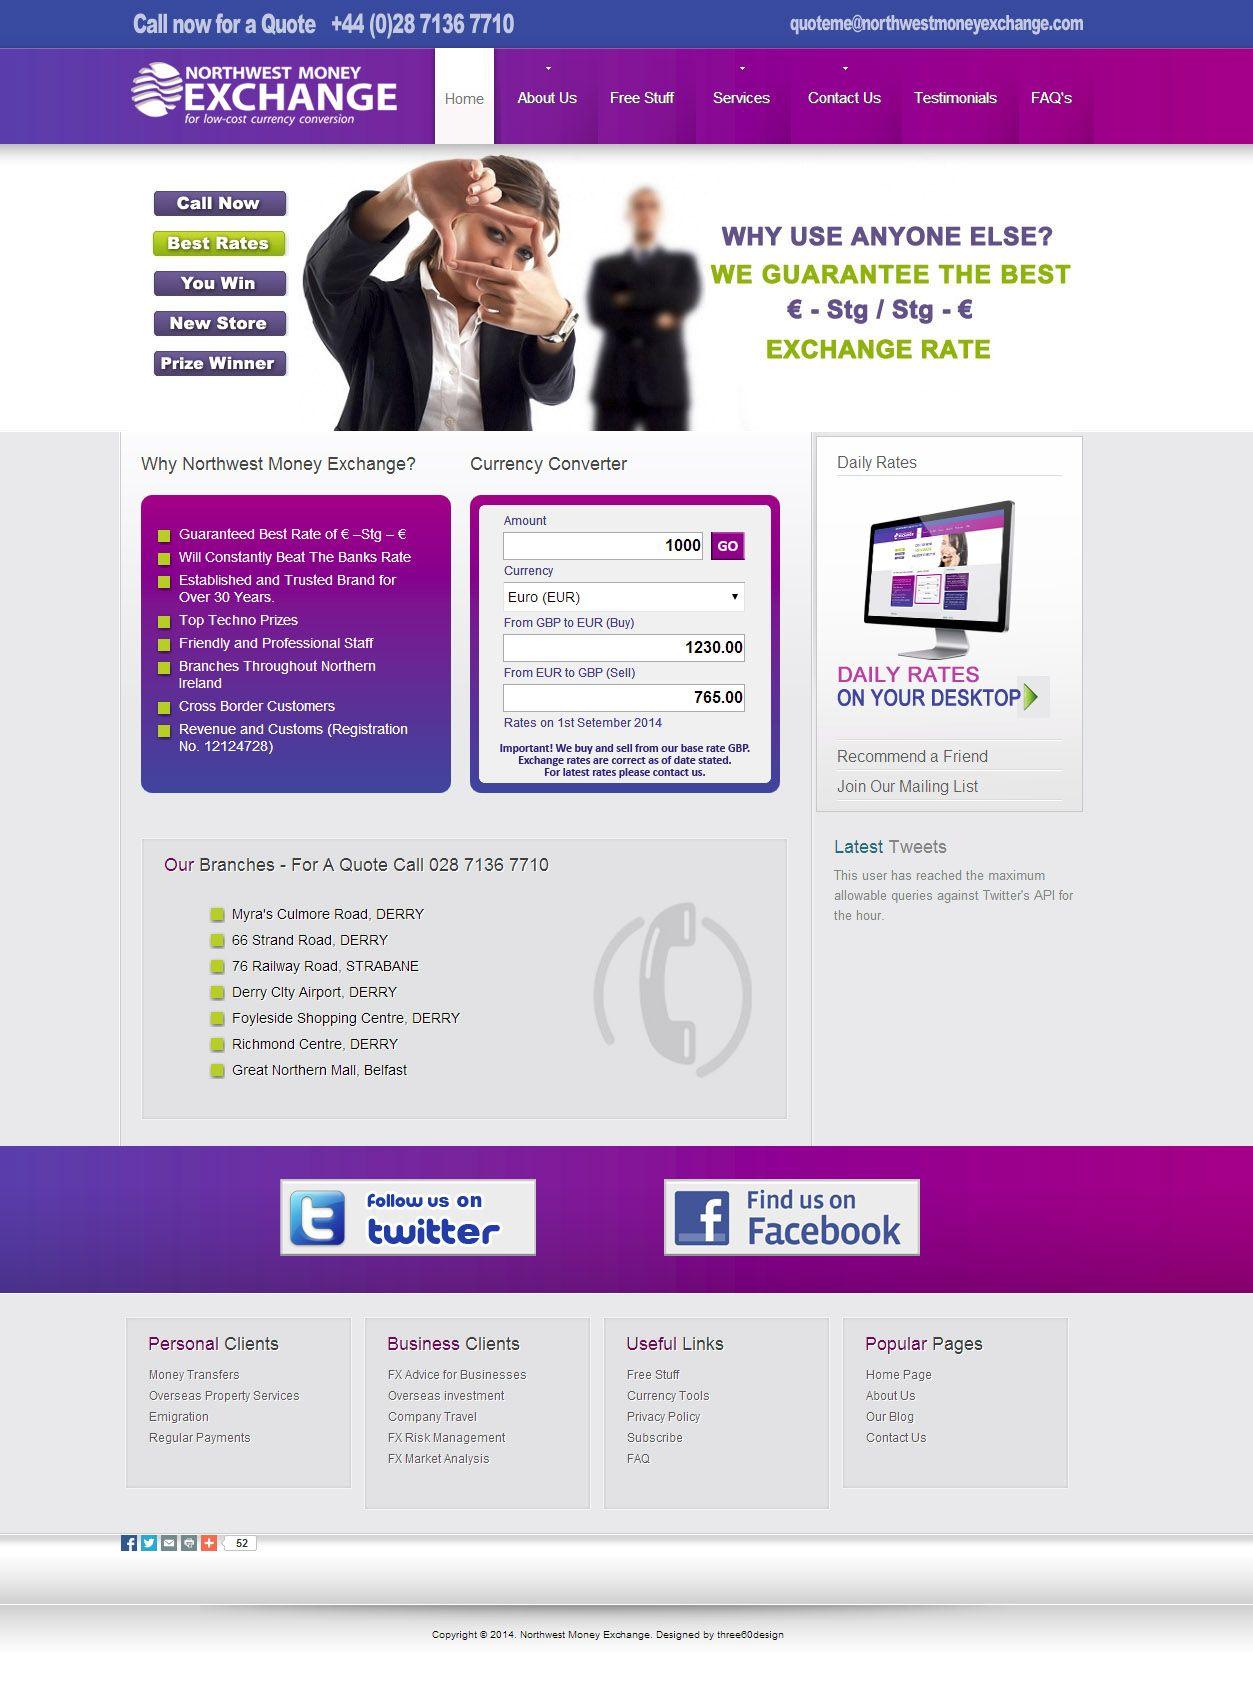 Northwest Money Exchange Three60design Banbridge Northern Ireland Web Design Web Design Northern Ireland Testimonials